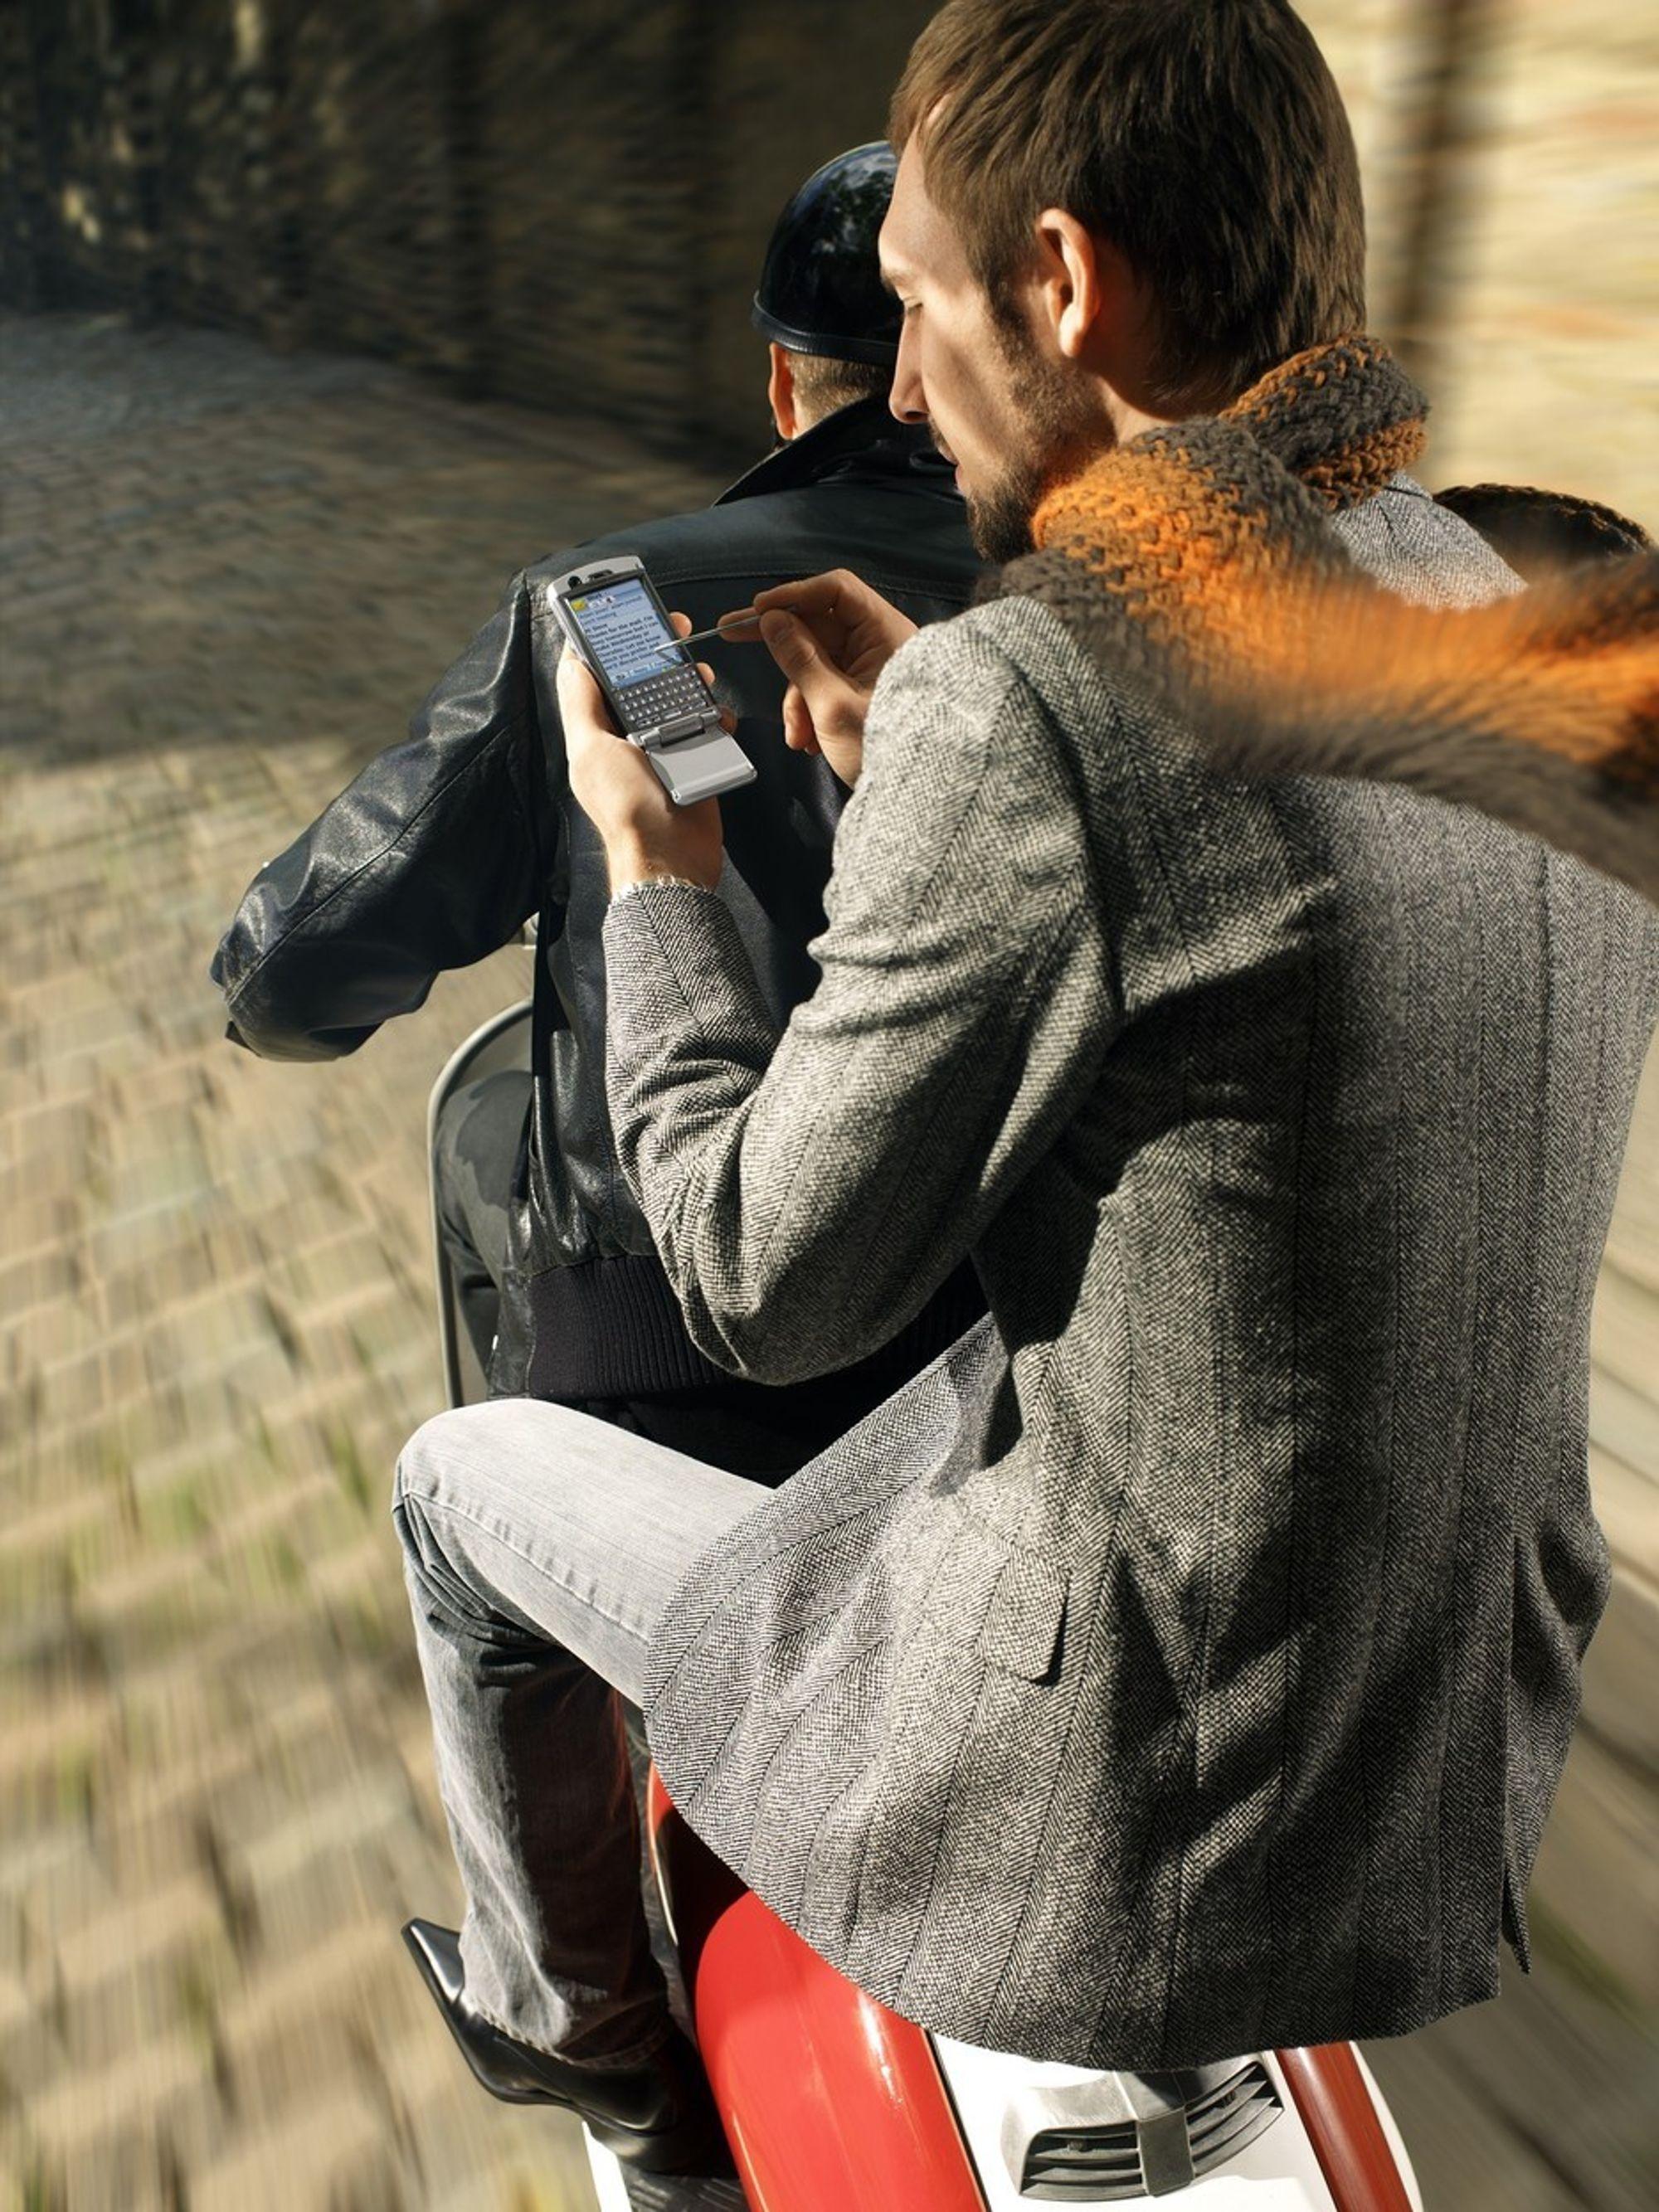 BEDRE LØSNING: Nå skal det bli betydelig enklere å synkronisere mobilens data ved hjelp av den forbedrede versjonen av SyncML Gateway. På bildet har mannen den nye Sony Ericsson P990 som kommer i høst.